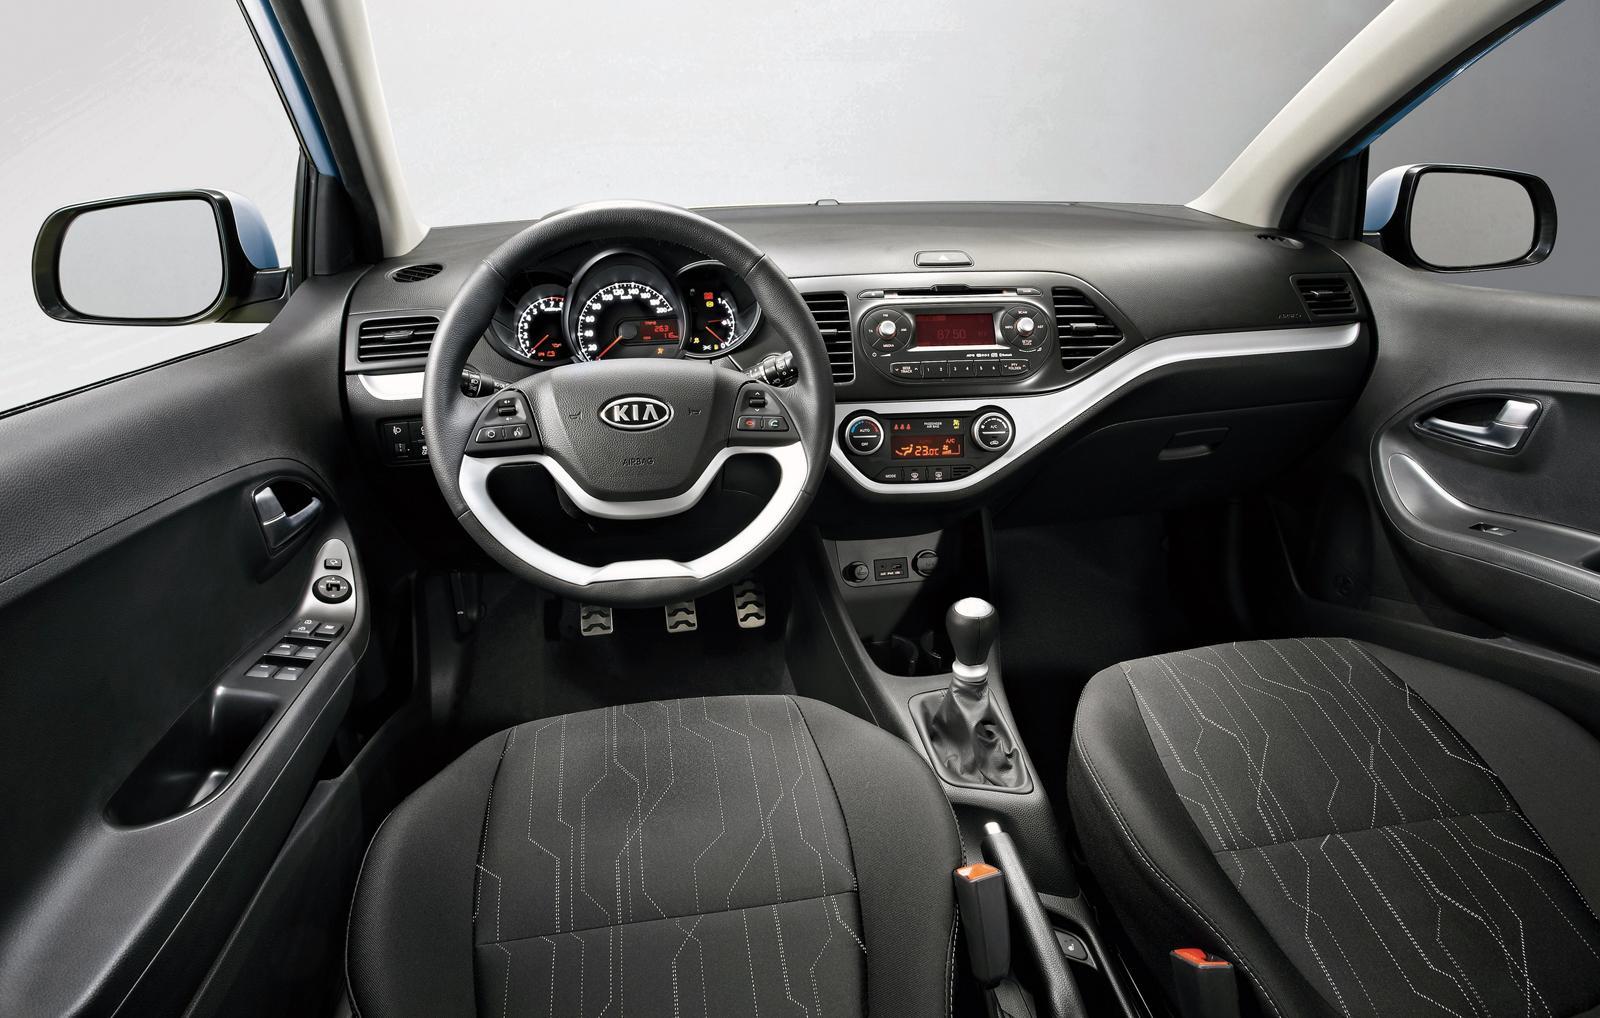 Kia Morning trở thành mẫu xe bán chạy nhất trong tháng 8/2016